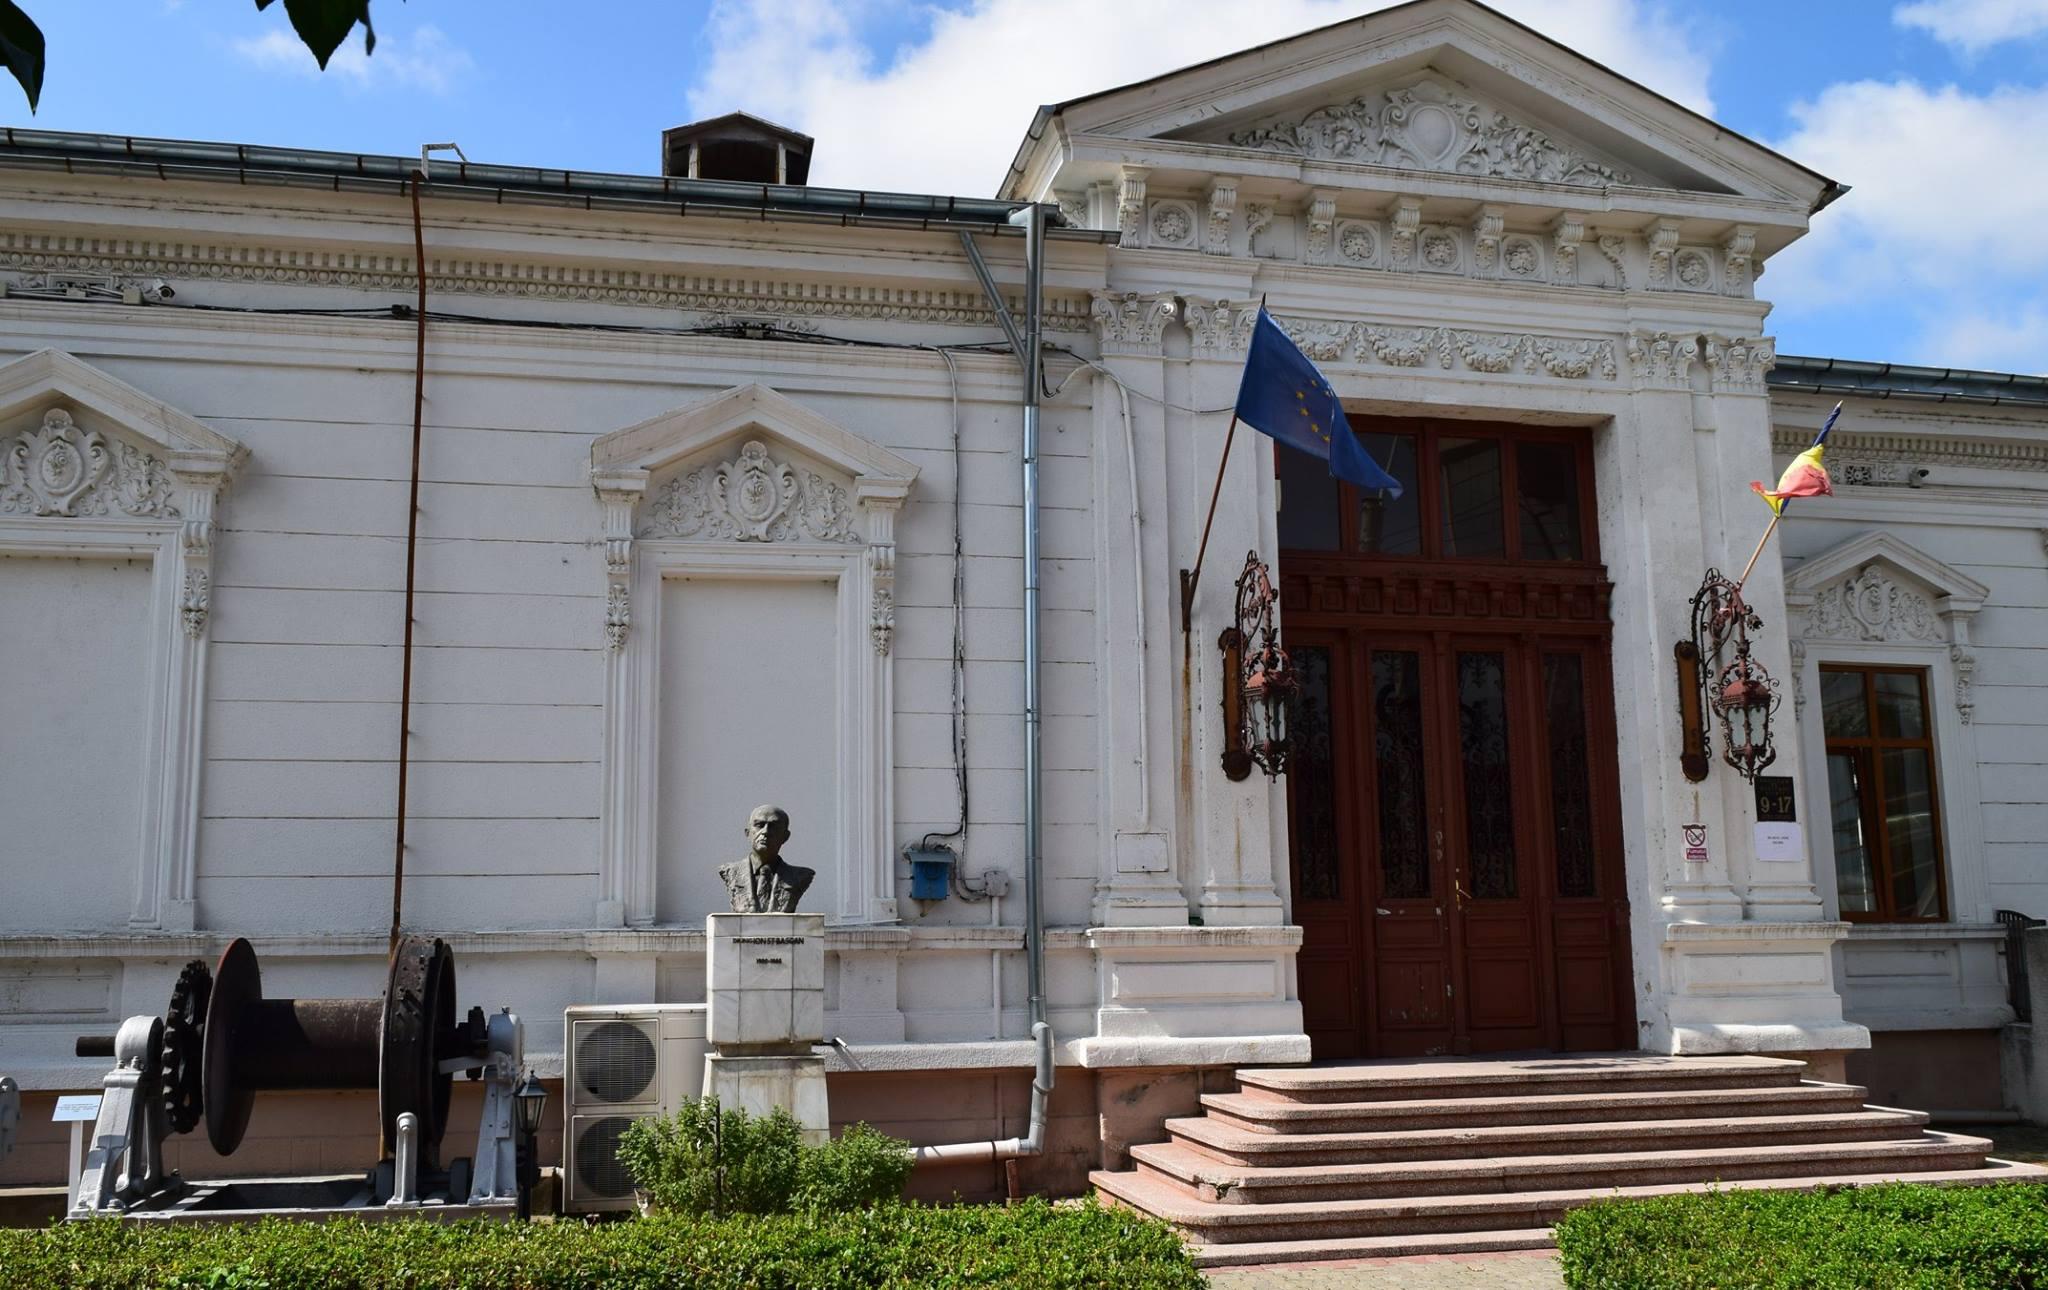 Vizitează Muzeul Petrolului - Muzeul Judeţean de Ştiinţele Naturii Prahova